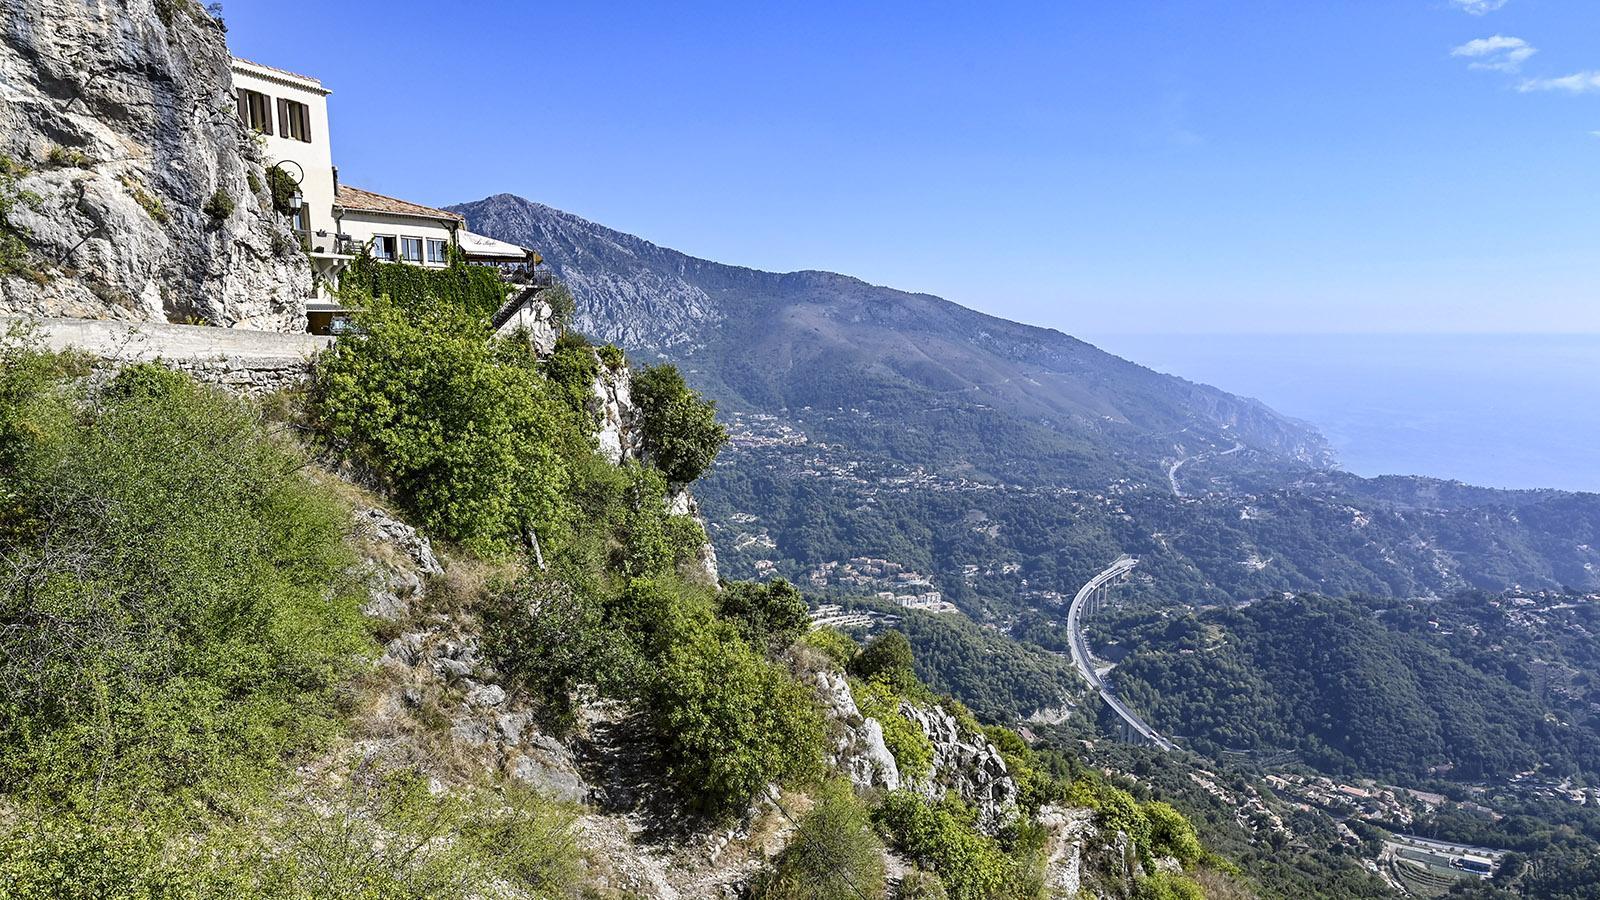 Der Blick von Saint-Agnès auf die Mittelmeerküste. Foto: Hilke Maunder